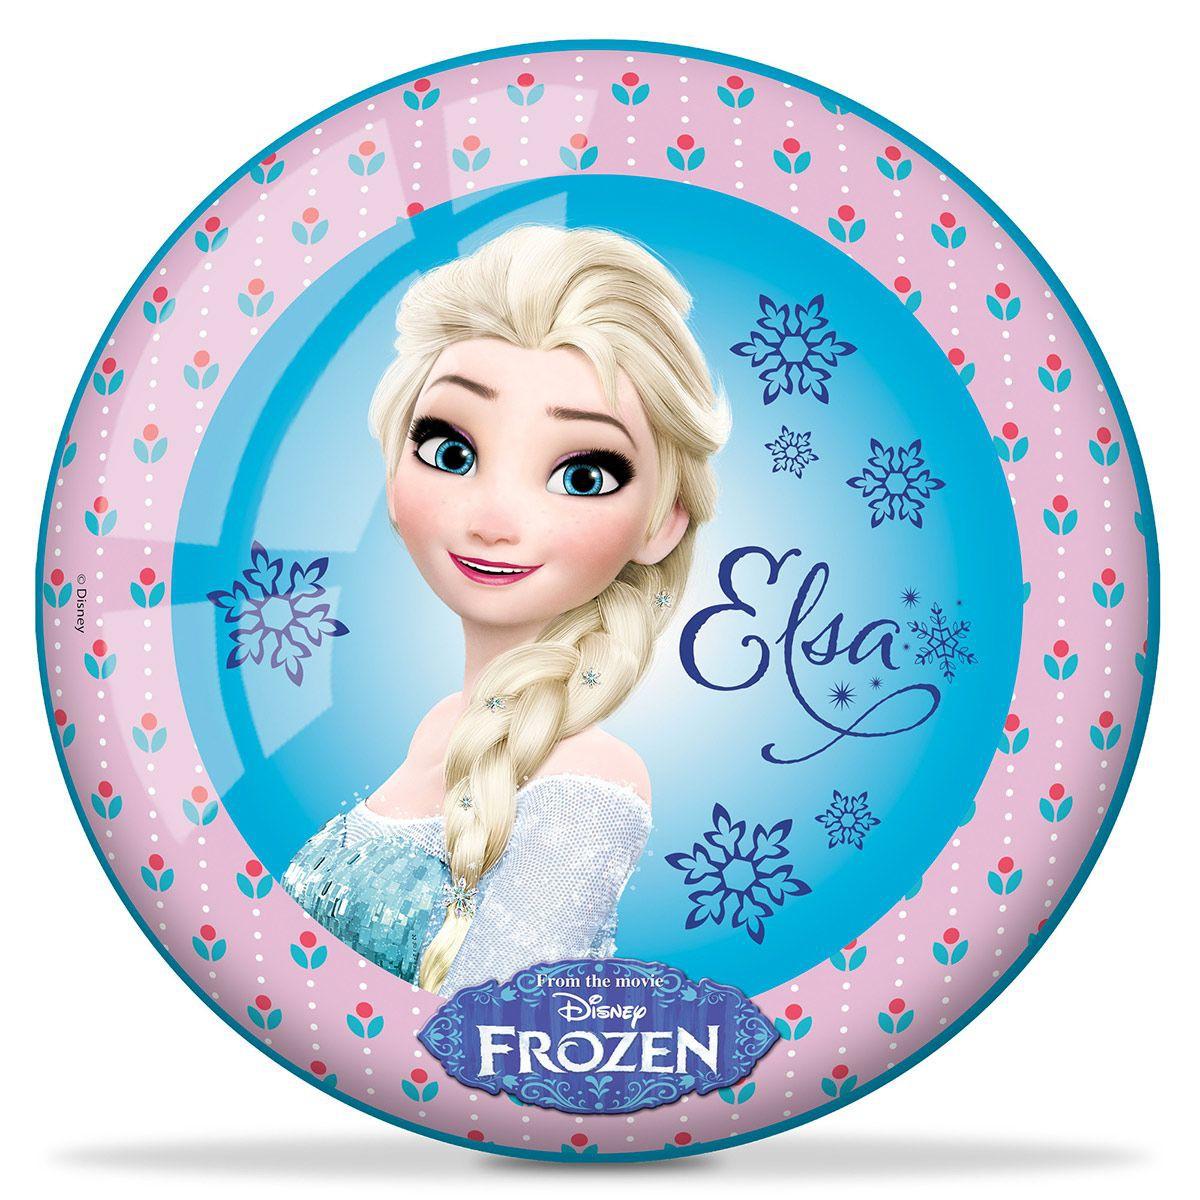 Ballon La Reine des Neiges (Frozen) 23 cm